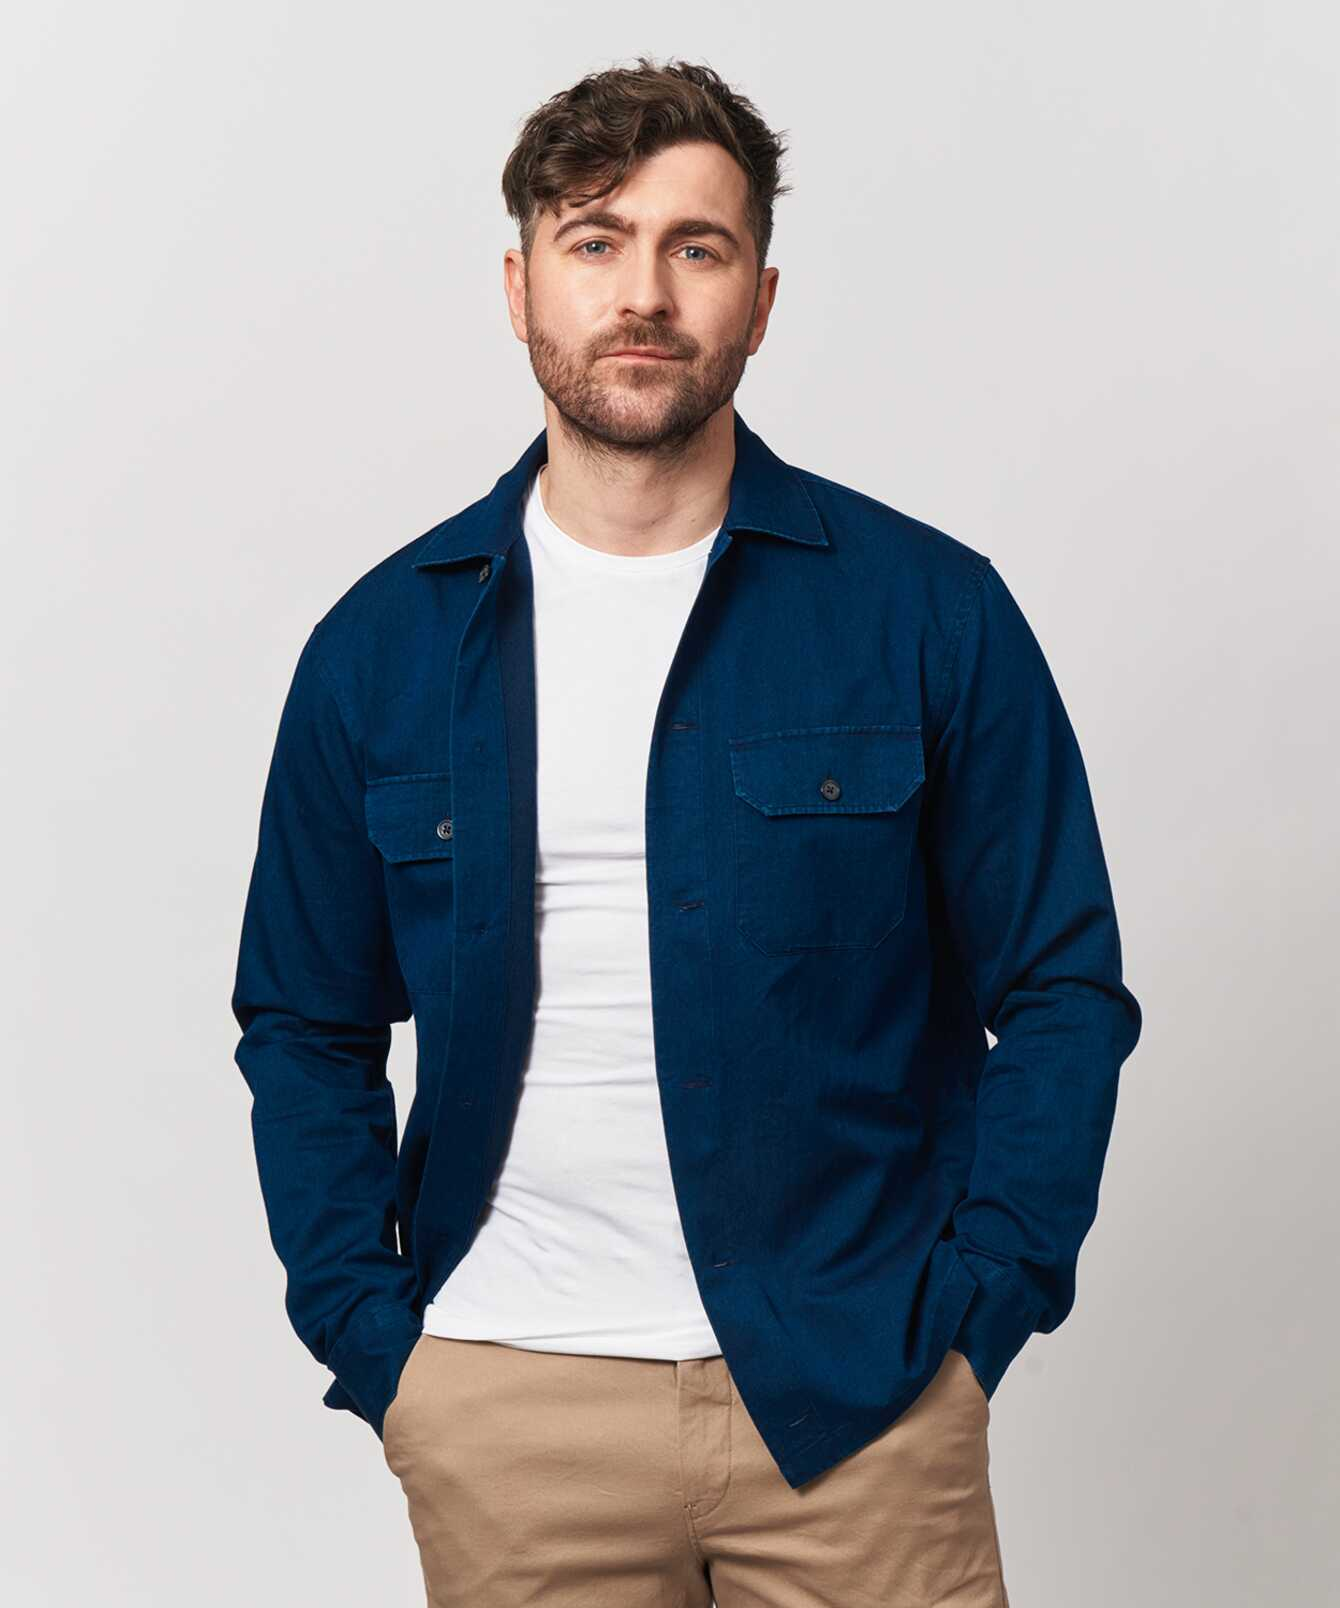 Skjorta Indigo Overshirt The Shirt Factory